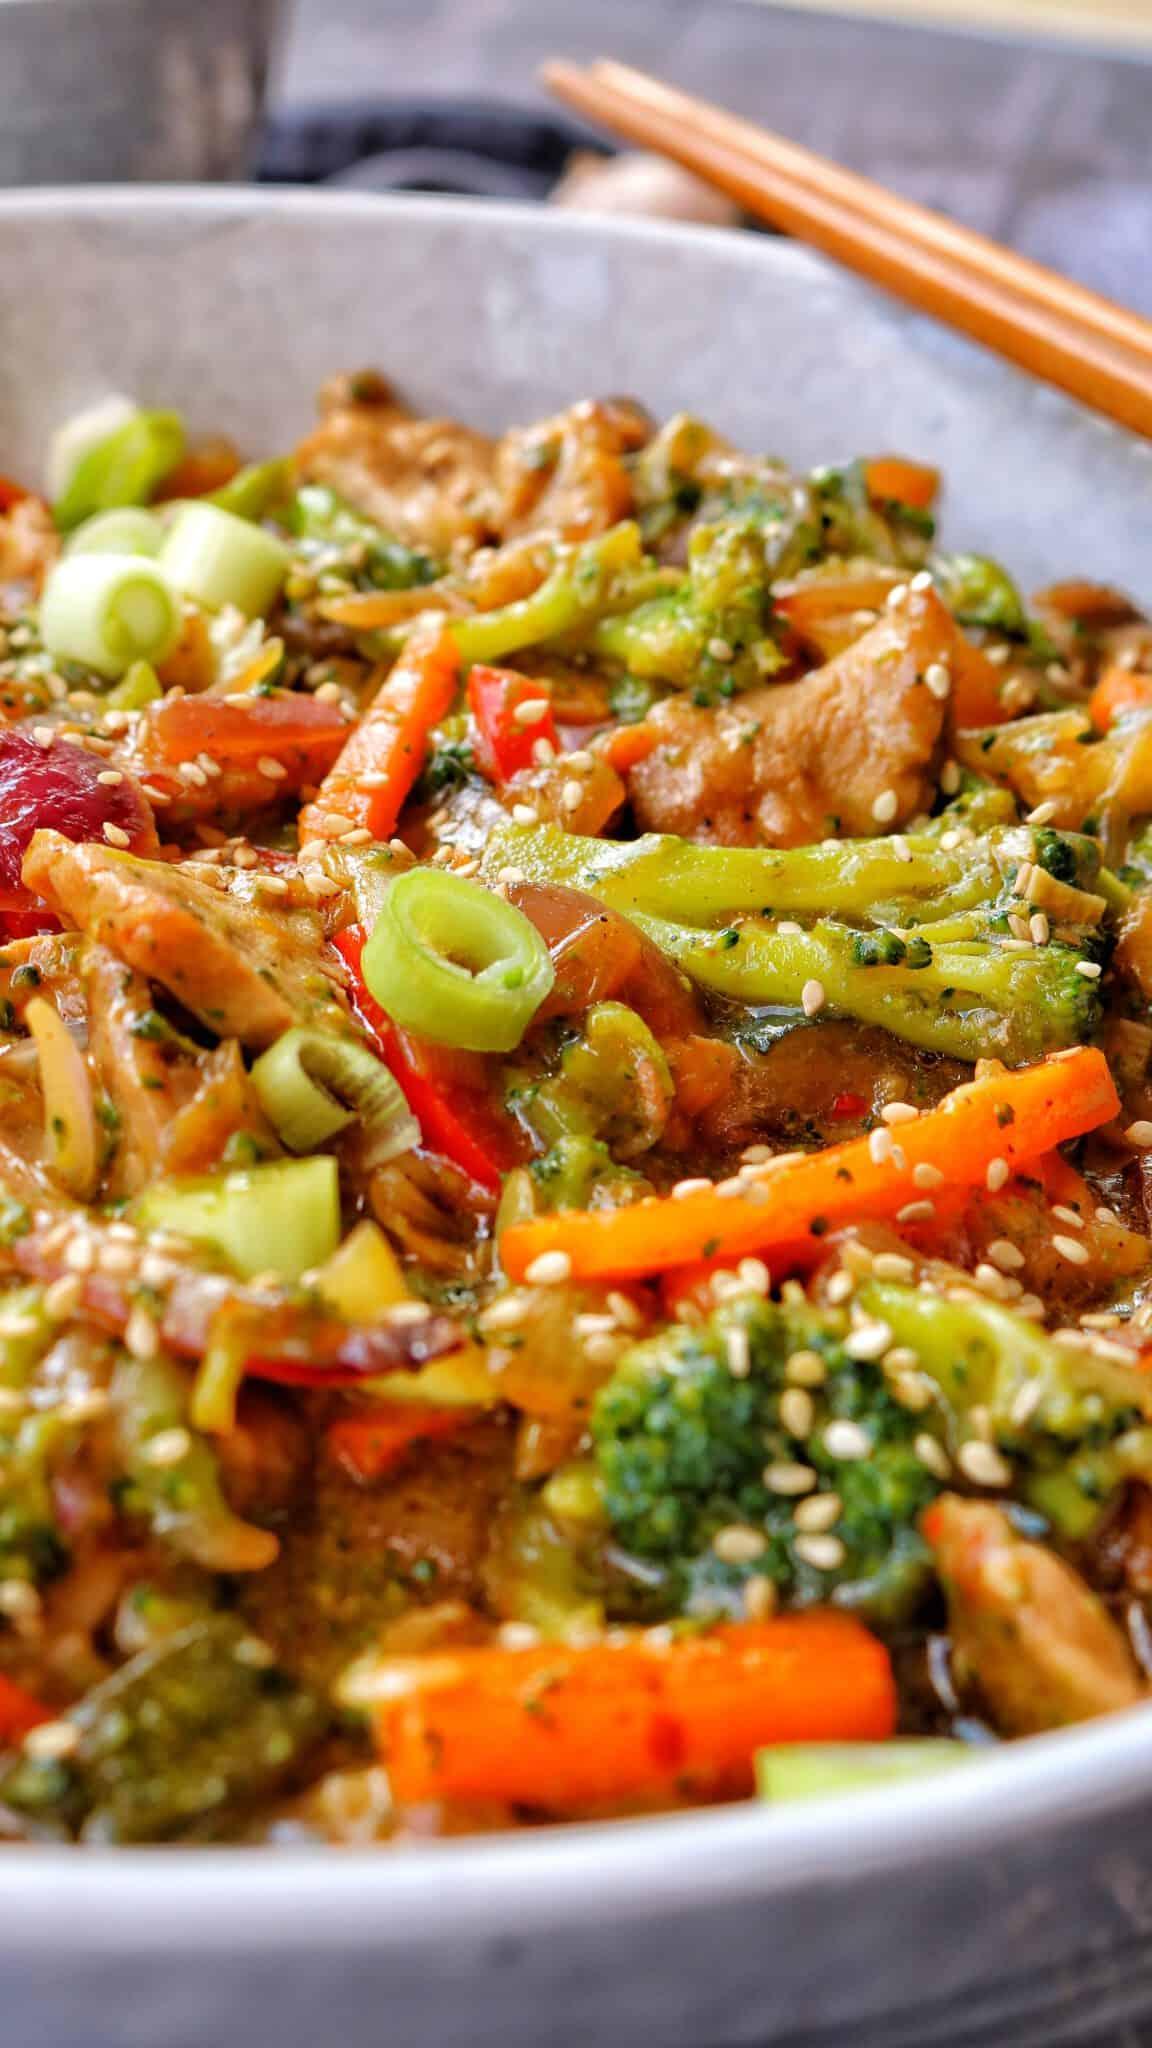 Eine helle Schale mit der asia Pfanne mit Gemüse und Reis.